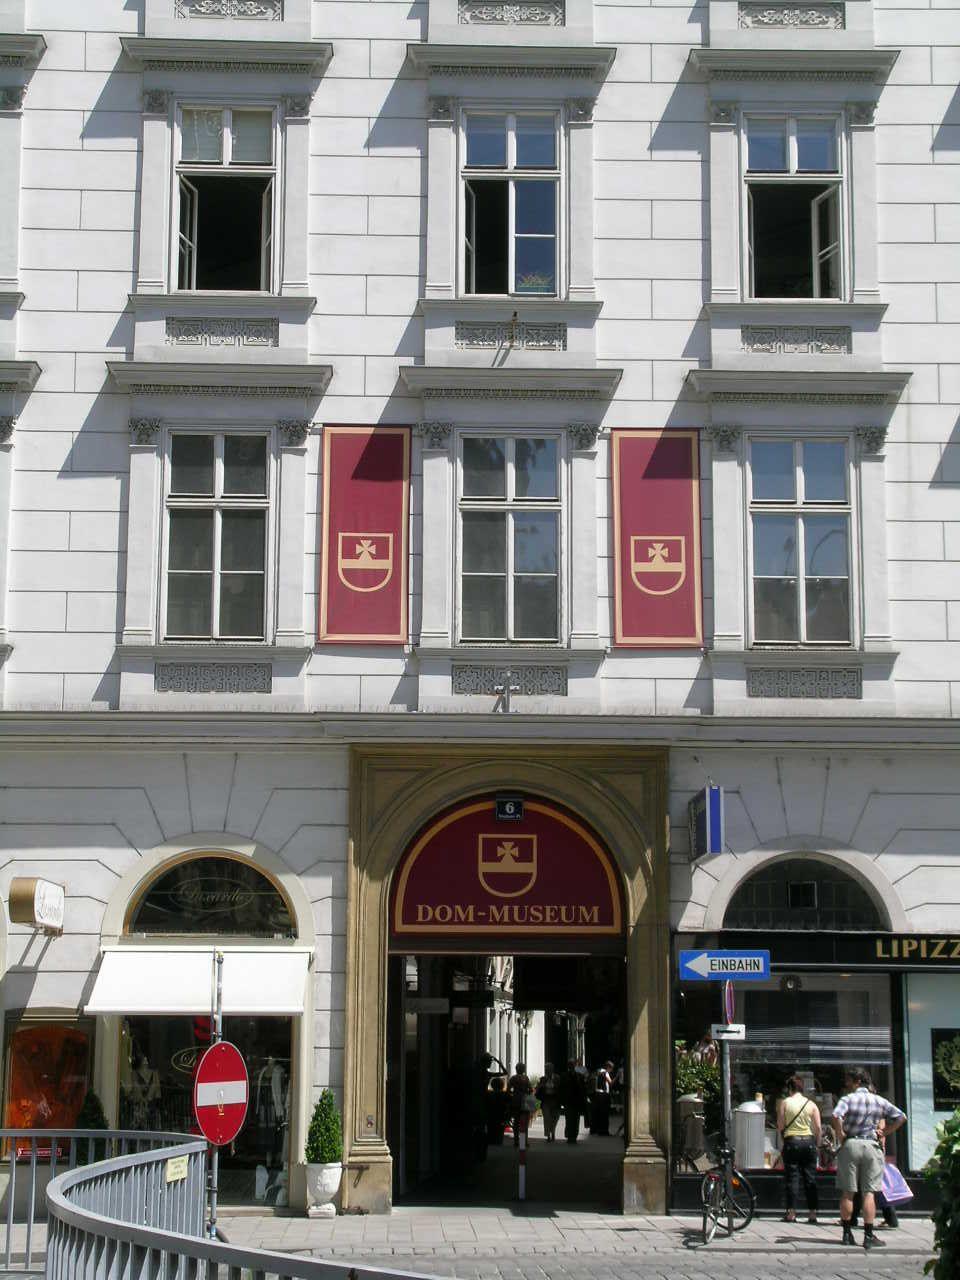 Dommuseum außen.JPG